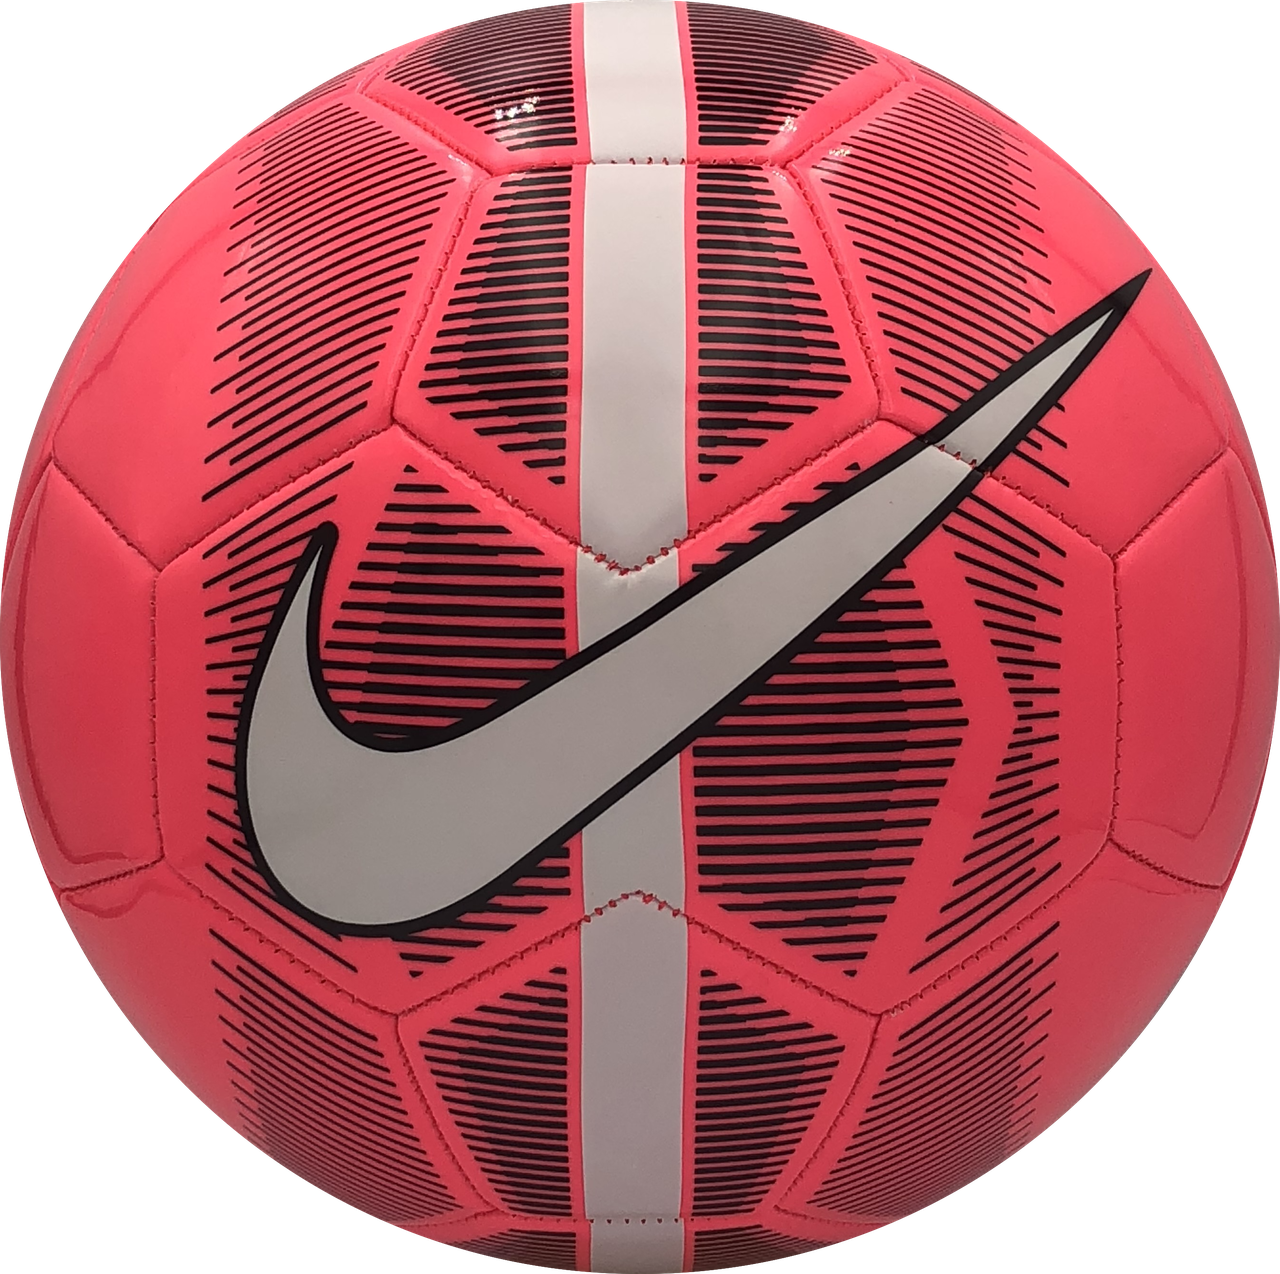 Футбольный мяч Nike MERCURIAL   FADE pink NEW! - интернет-магазин  «BallMasterUA» b682a724169